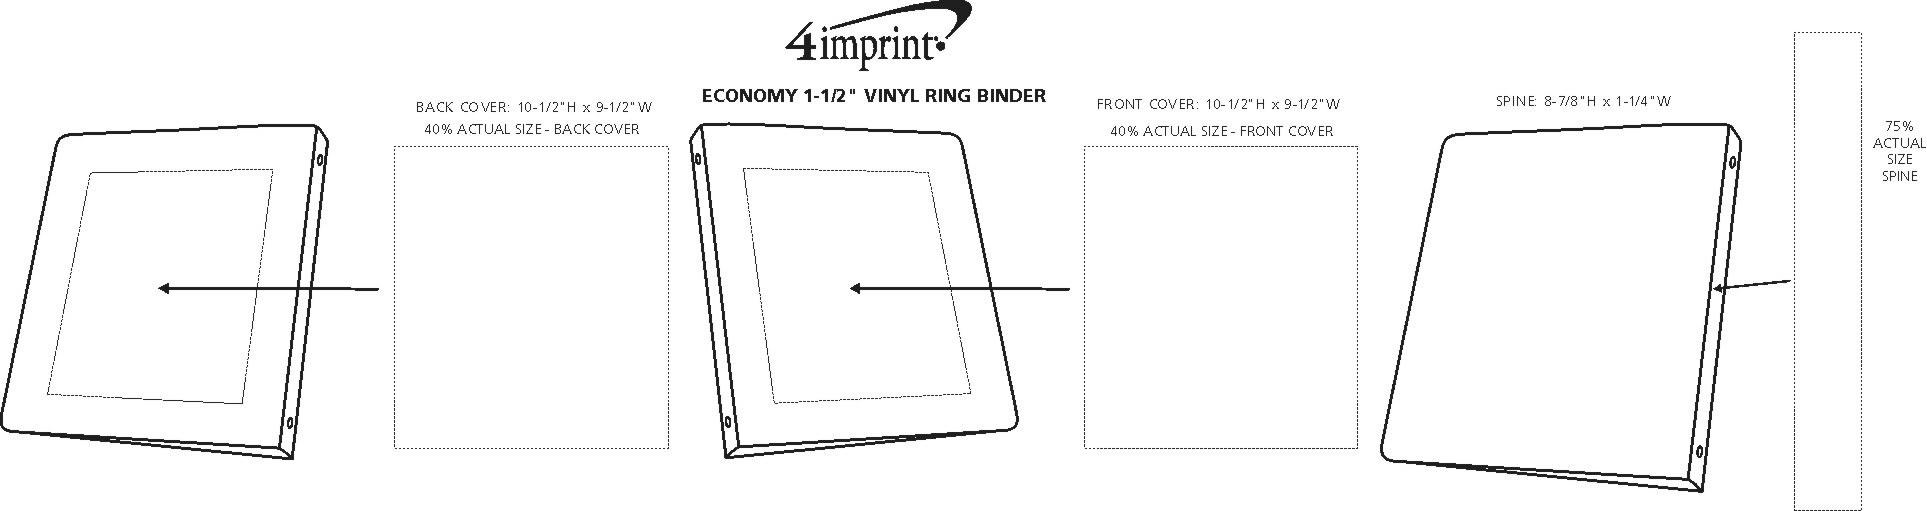 """Imprint Area of Economy 1-1/2"""" Vinyl Ring Binder"""